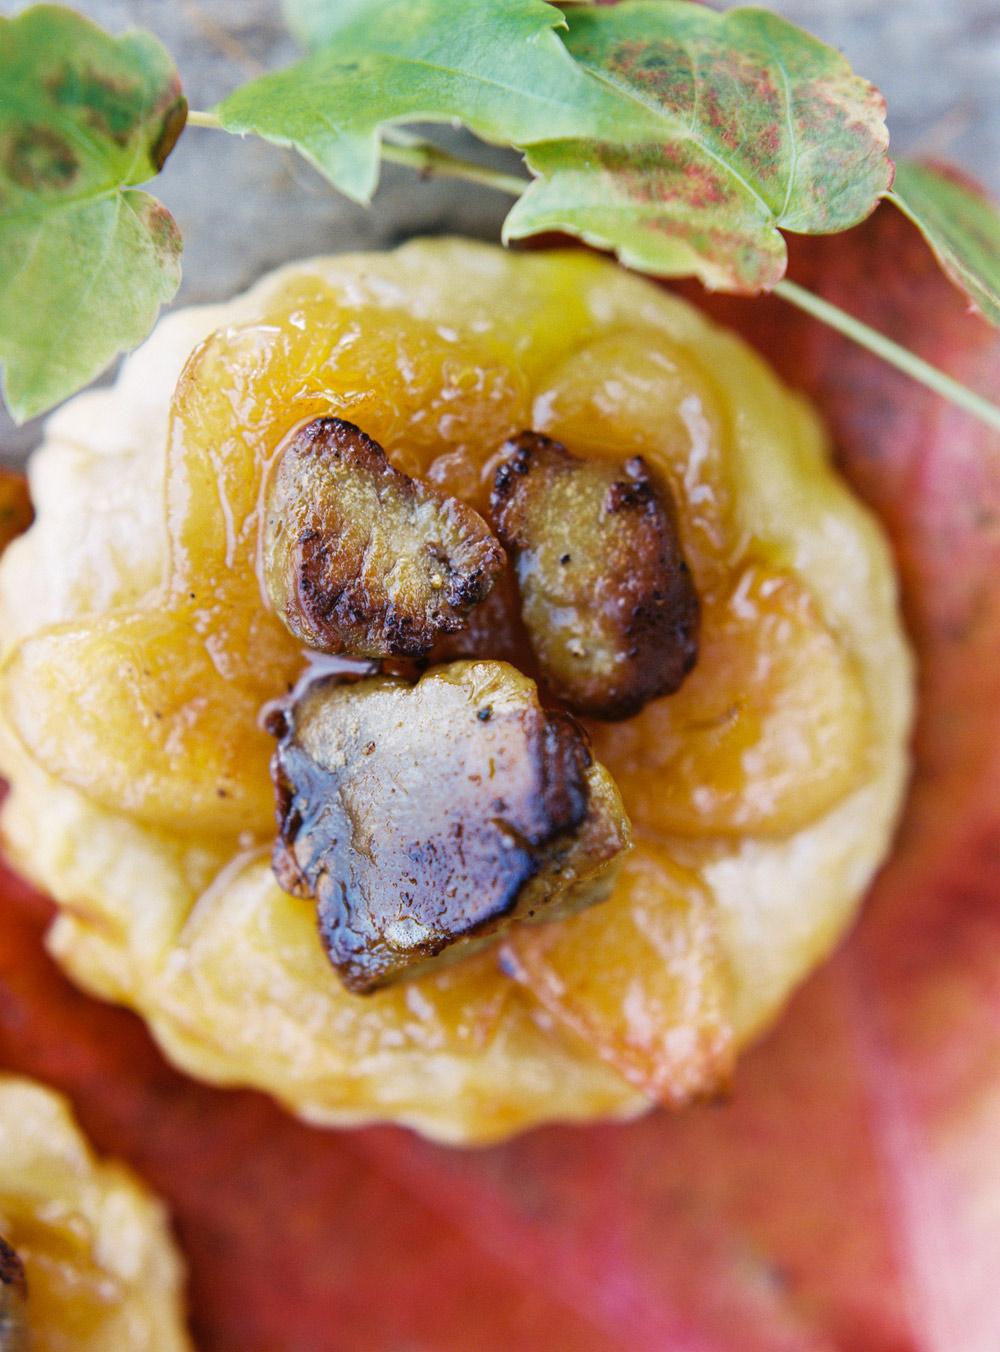 Blanccoco_photographe_styliste_culinaire_tatin_coing_foie_gras-133